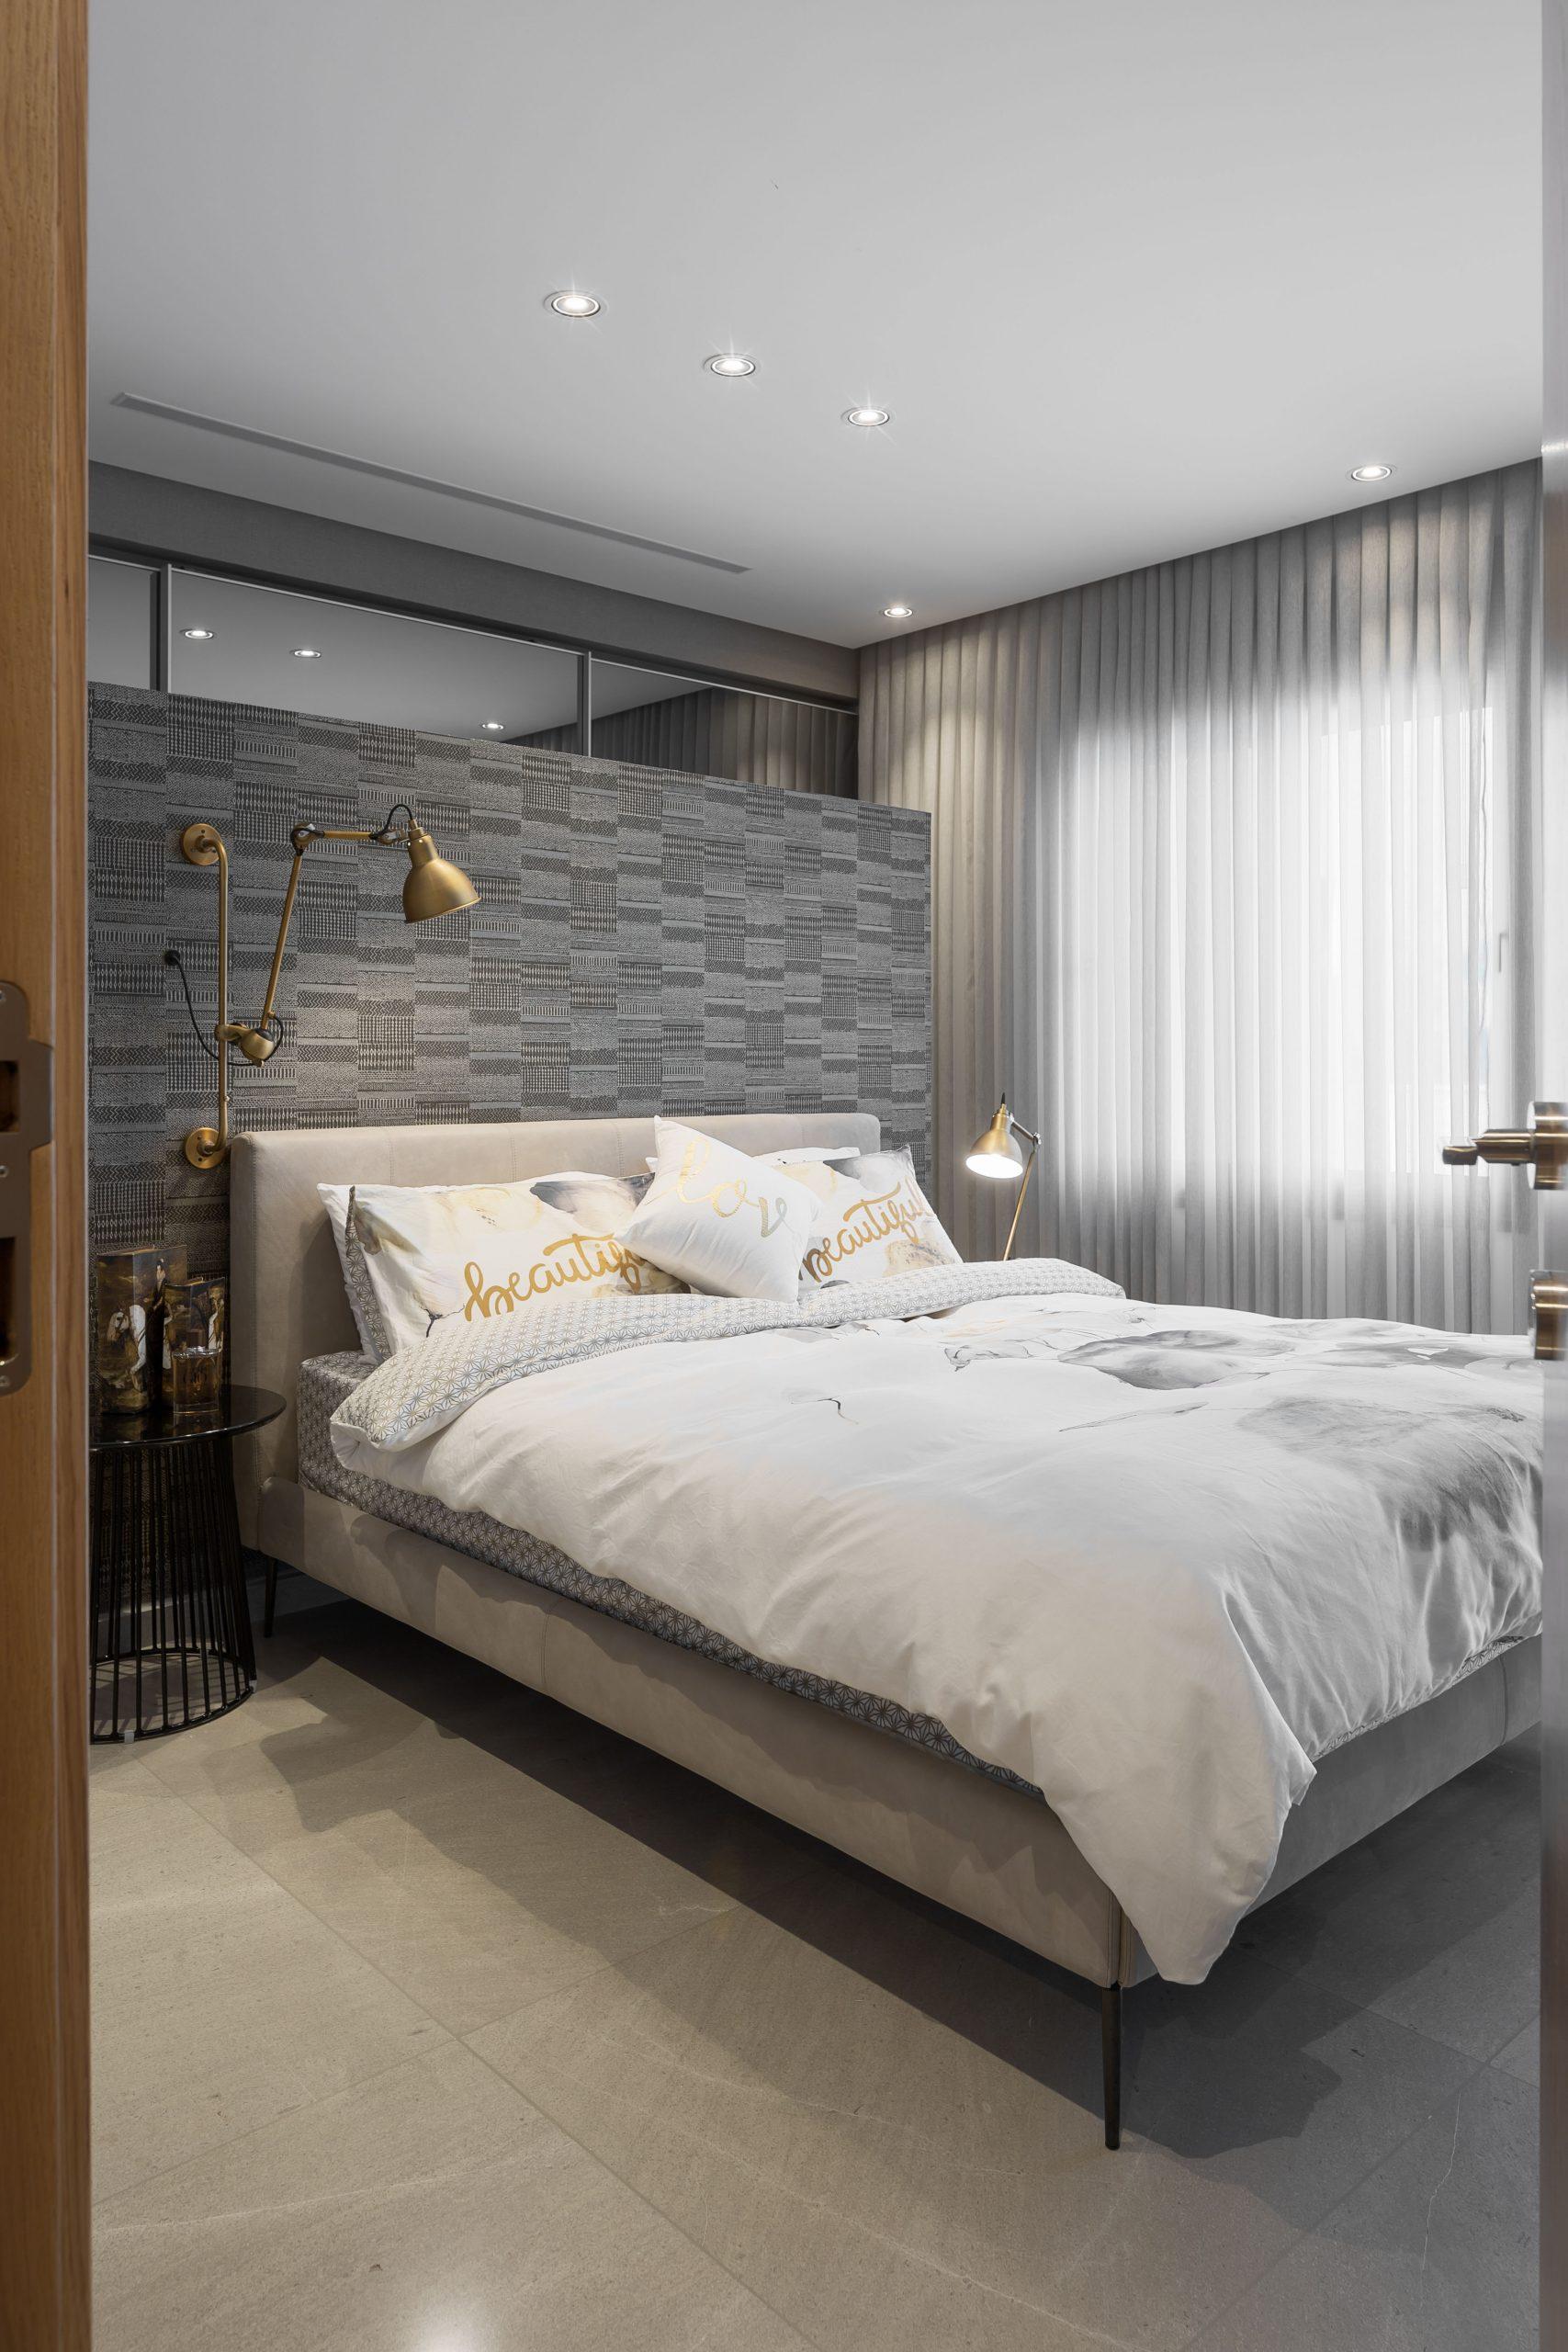 חדר שינה מעוצב עם תאורה משלימה מבית סיטי לייט תאורה